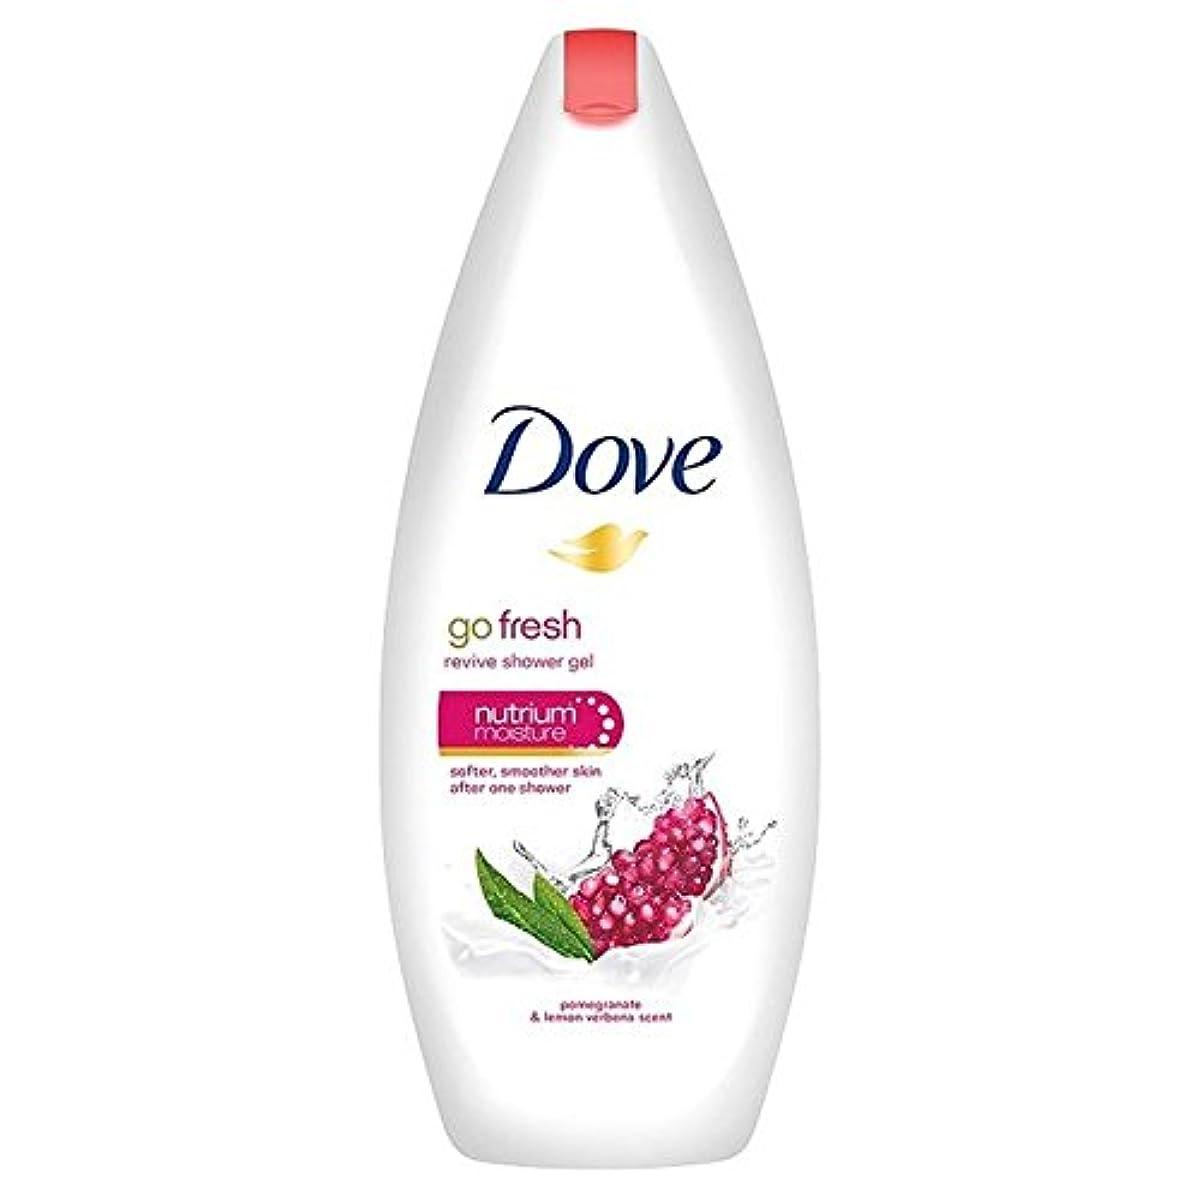 暴露する英語の授業があります尊敬鳩は、新鮮なザクロボディウォッシュ250ミリリットルを行きます x4 - Dove Go Fresh Pomegranate Body Wash 250ml (Pack of 4) [並行輸入品]